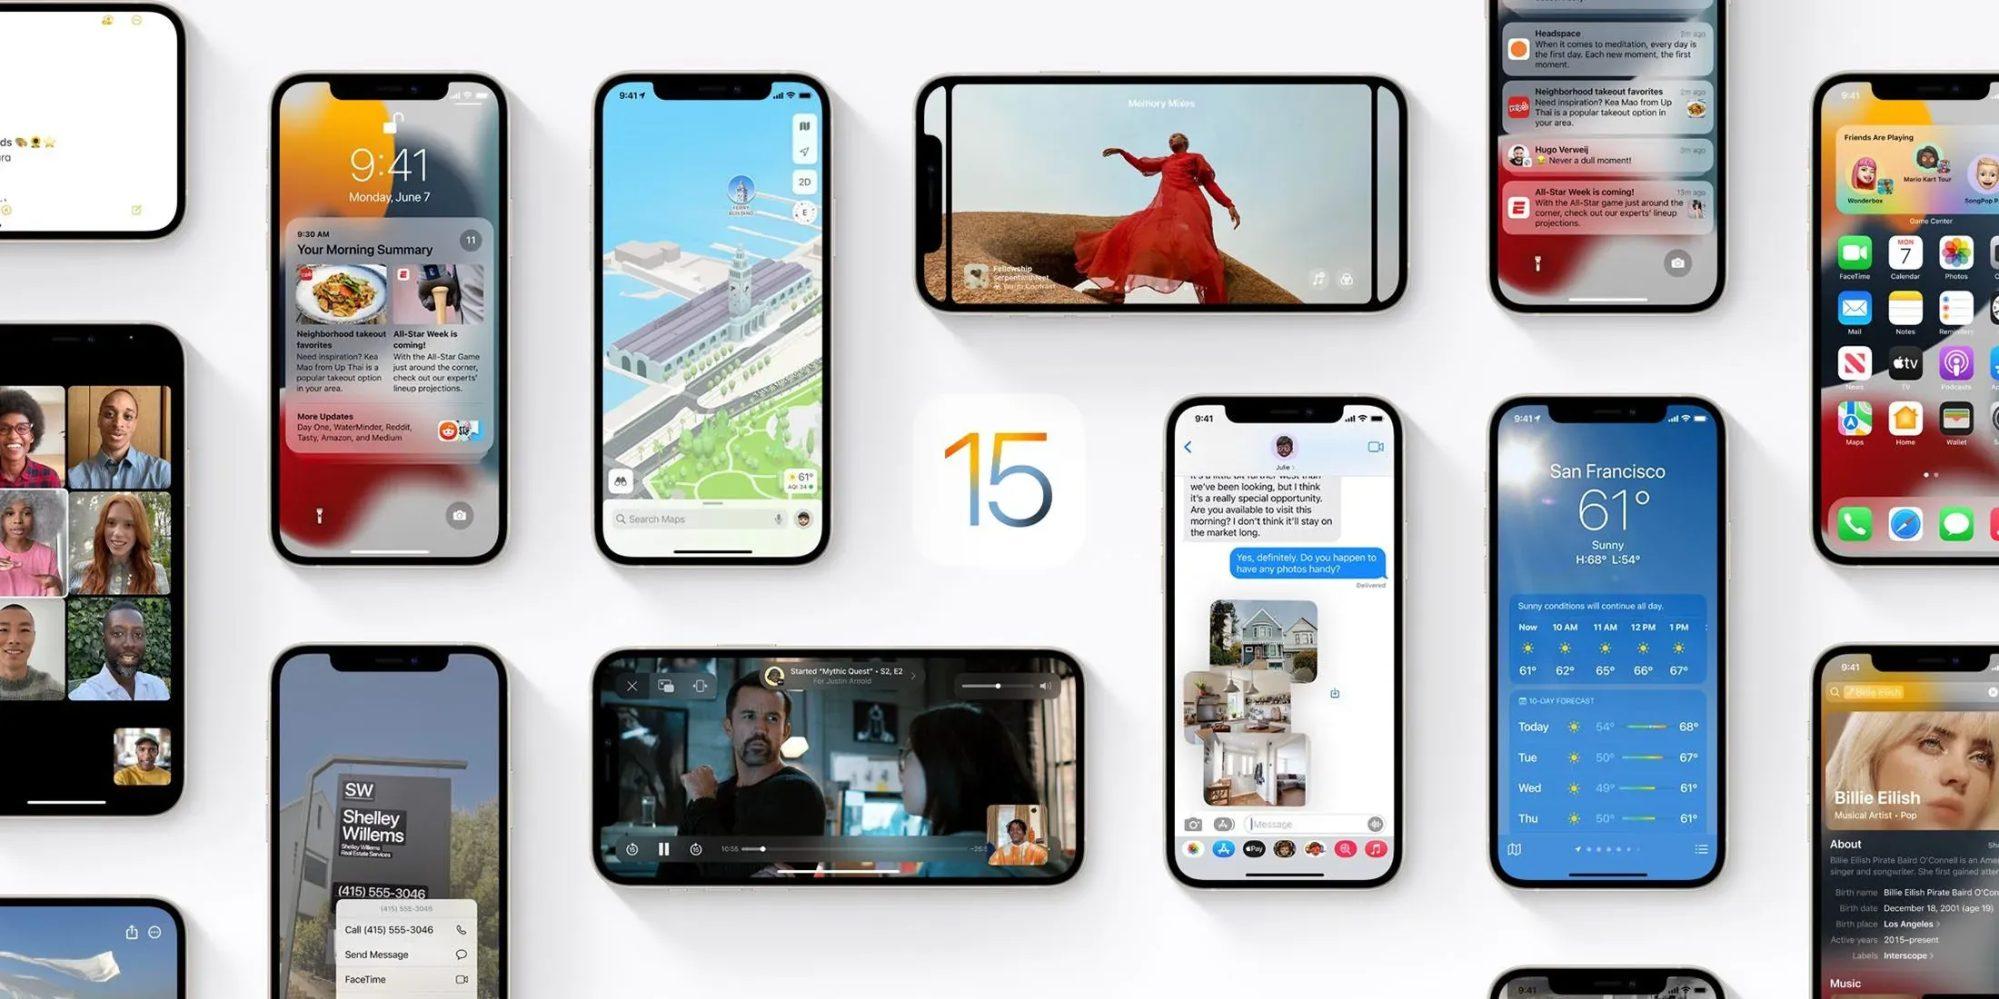 تقارير: معدل الانتقال إلى نظام iOS 15 أبطأ عن العام الماضي